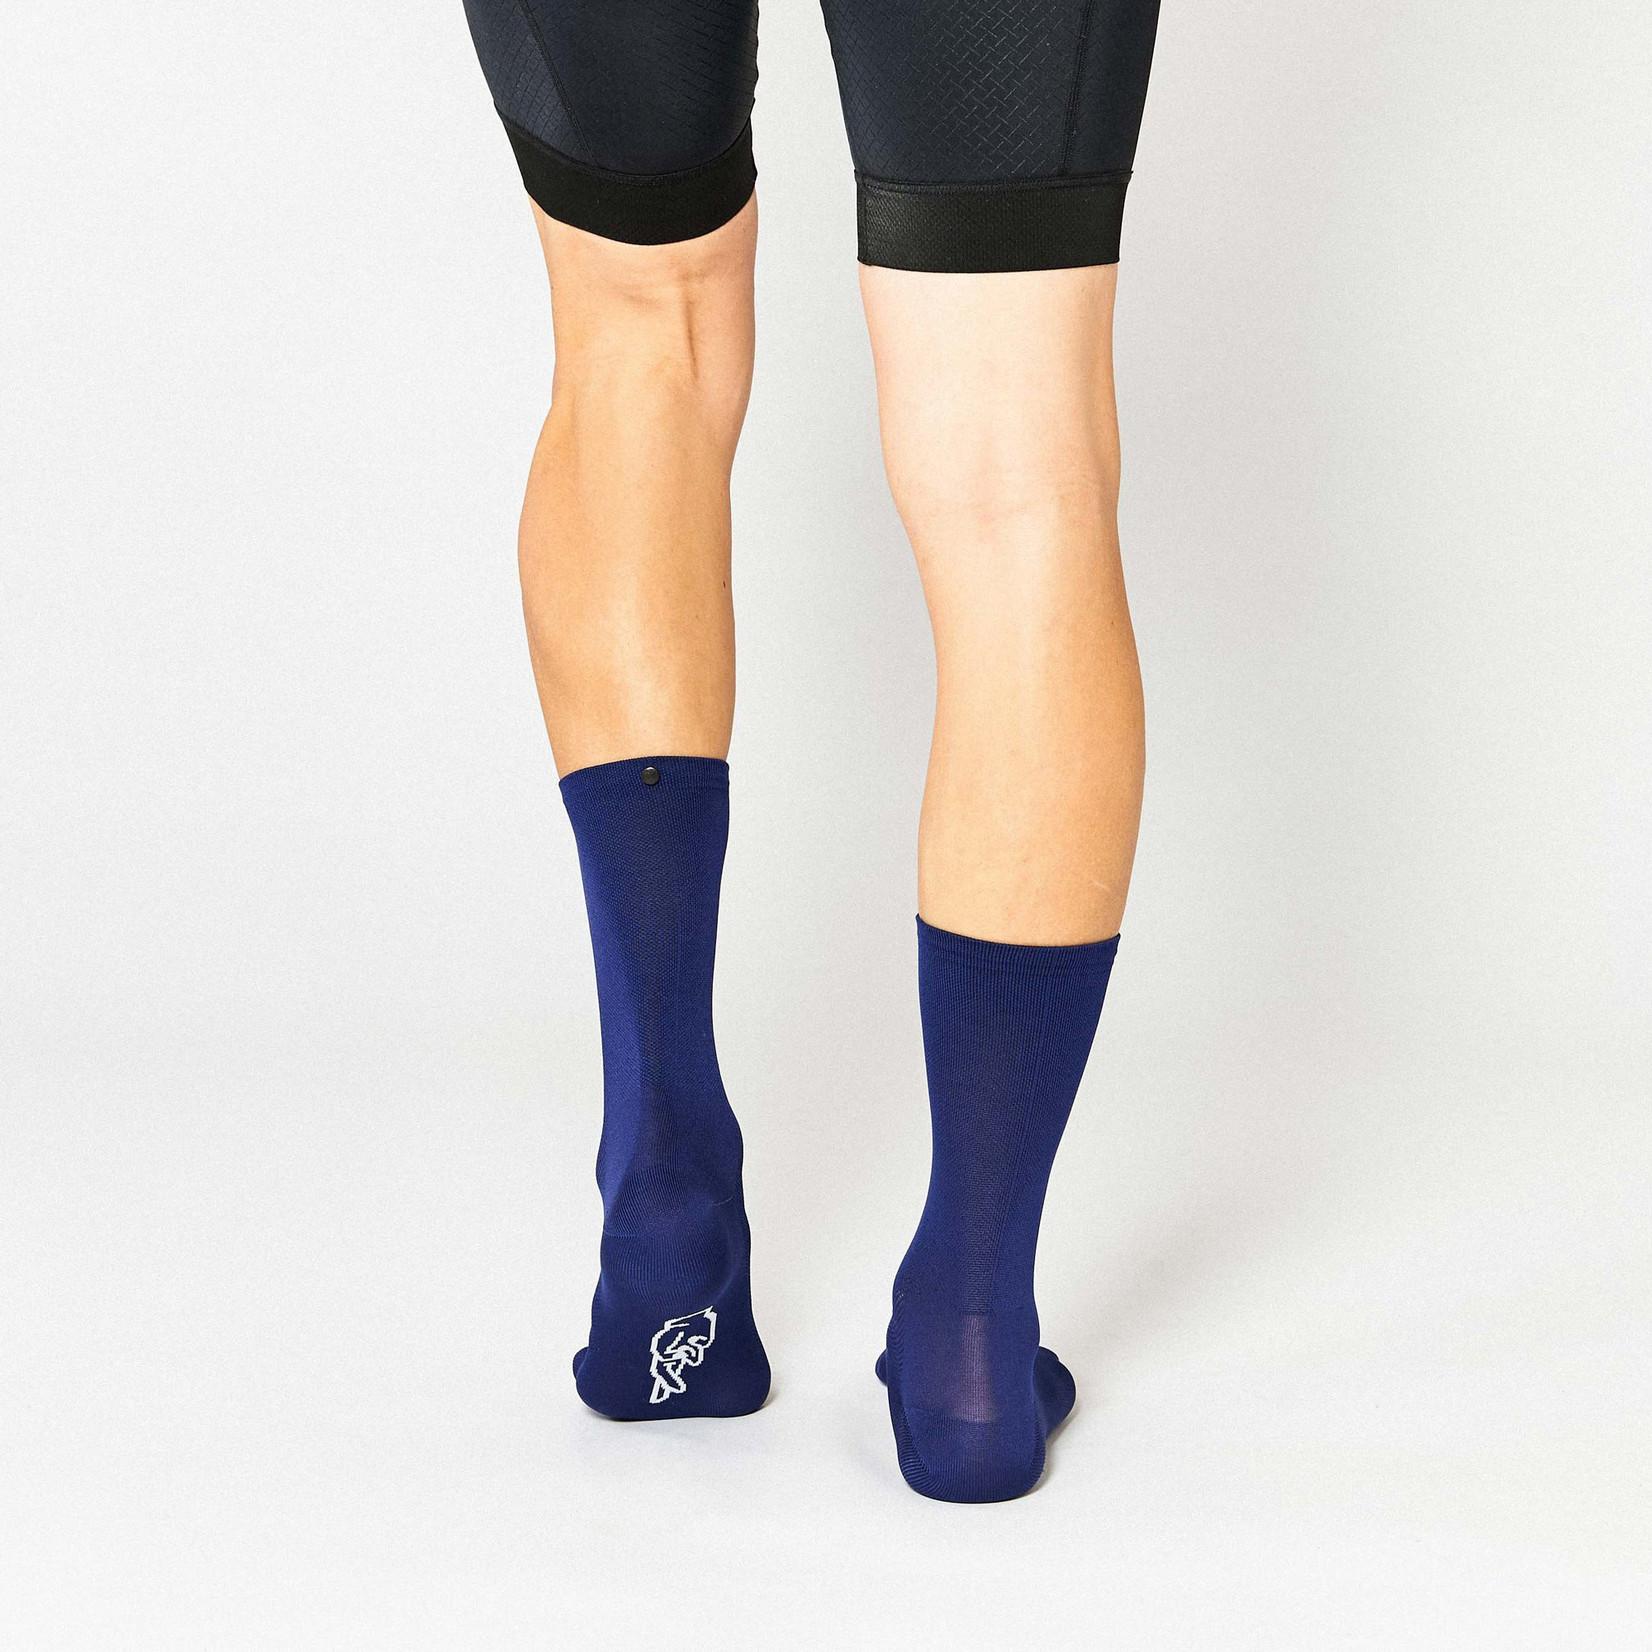 Fingerscrossed FINGERSCROSSED Classic Socks - Indigo